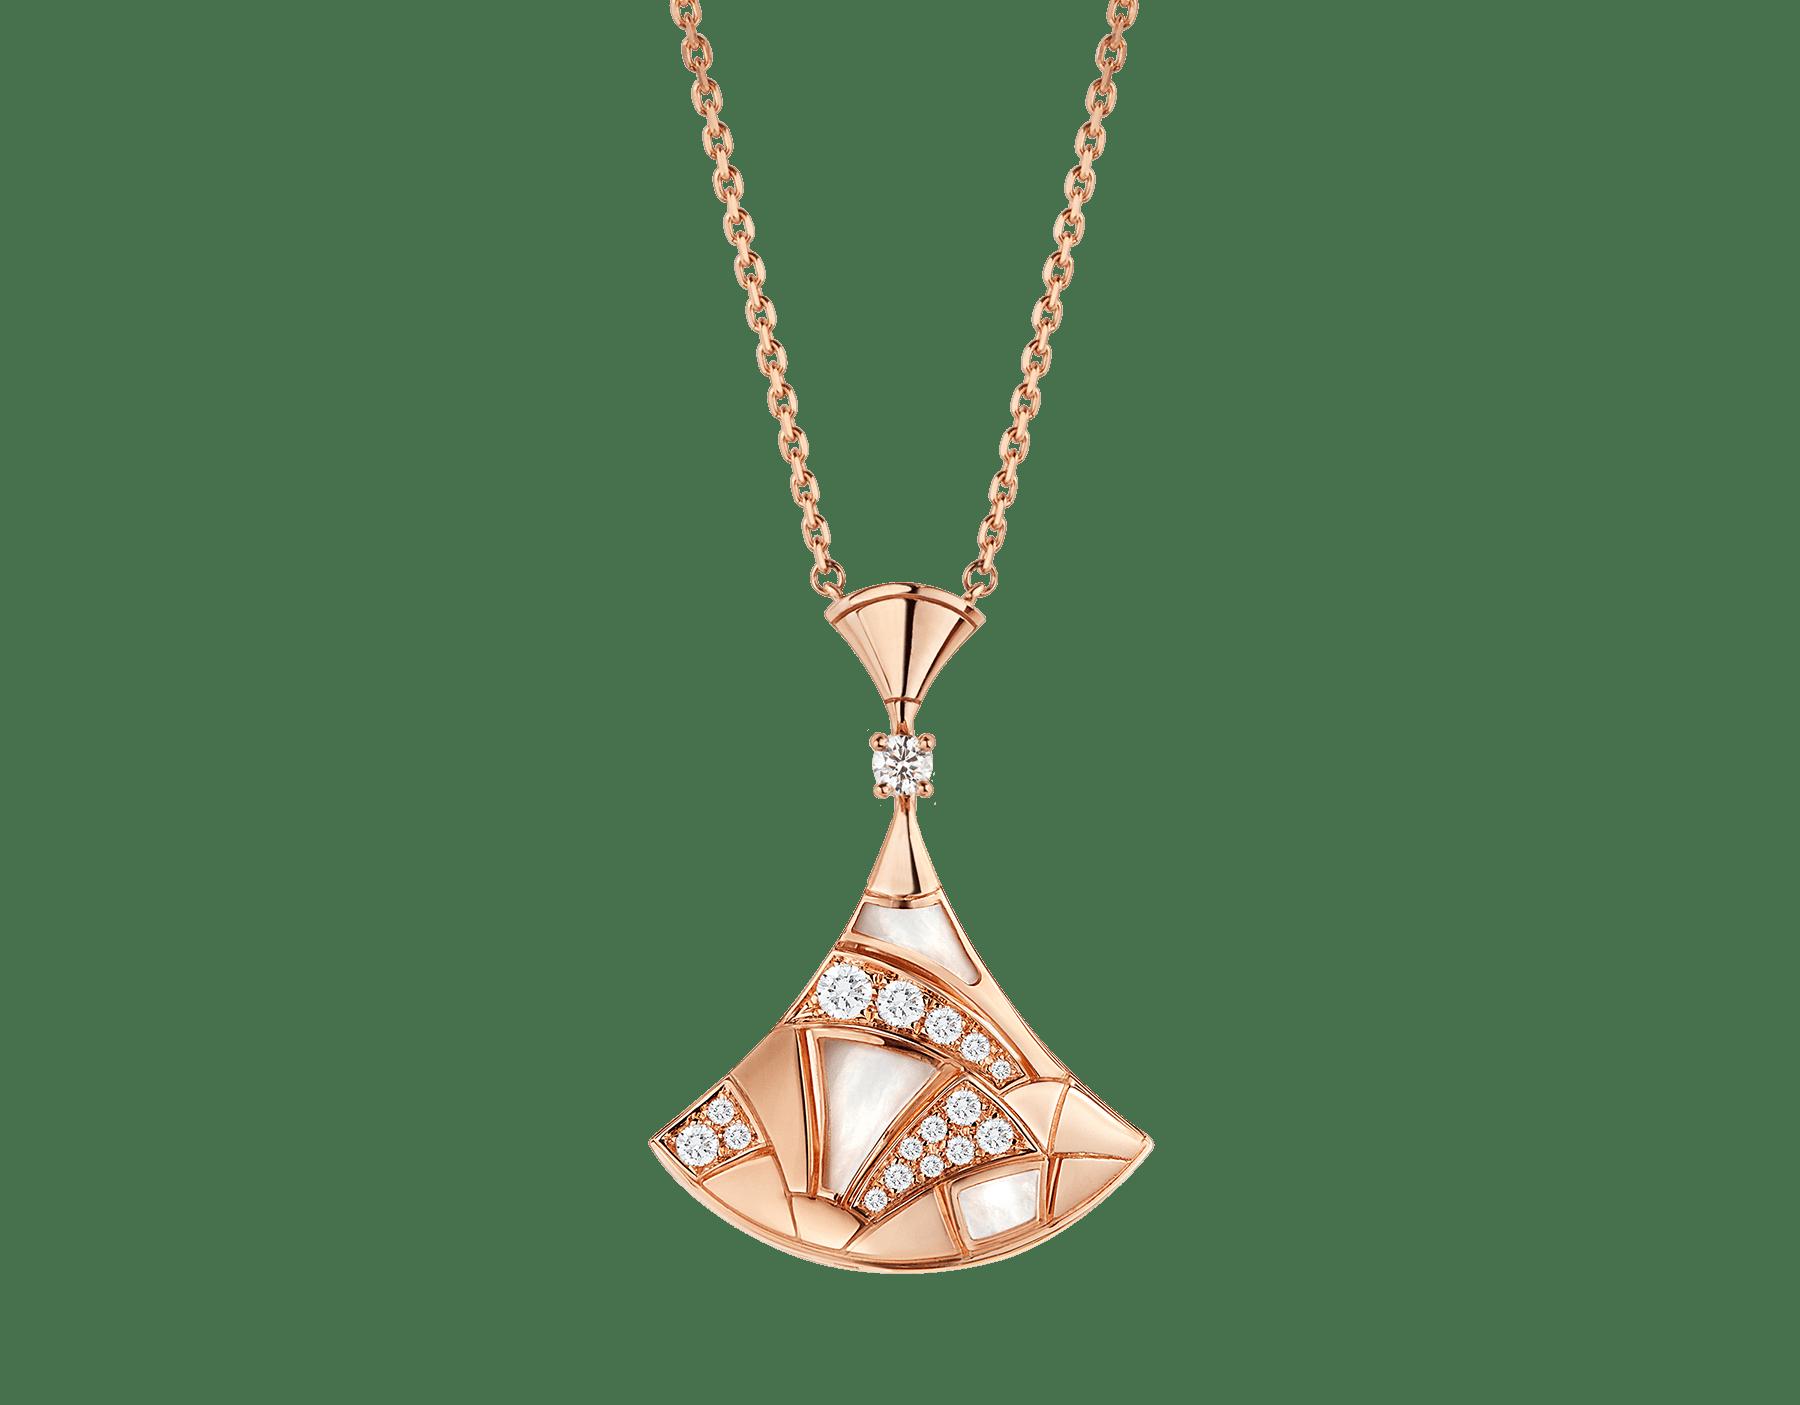 Колье DIVAS' DREAM, розовое золото 18 карат, подвеска с элементами из перламутра, одним бриллиантом и бриллиантовым паве. 350065 image 1